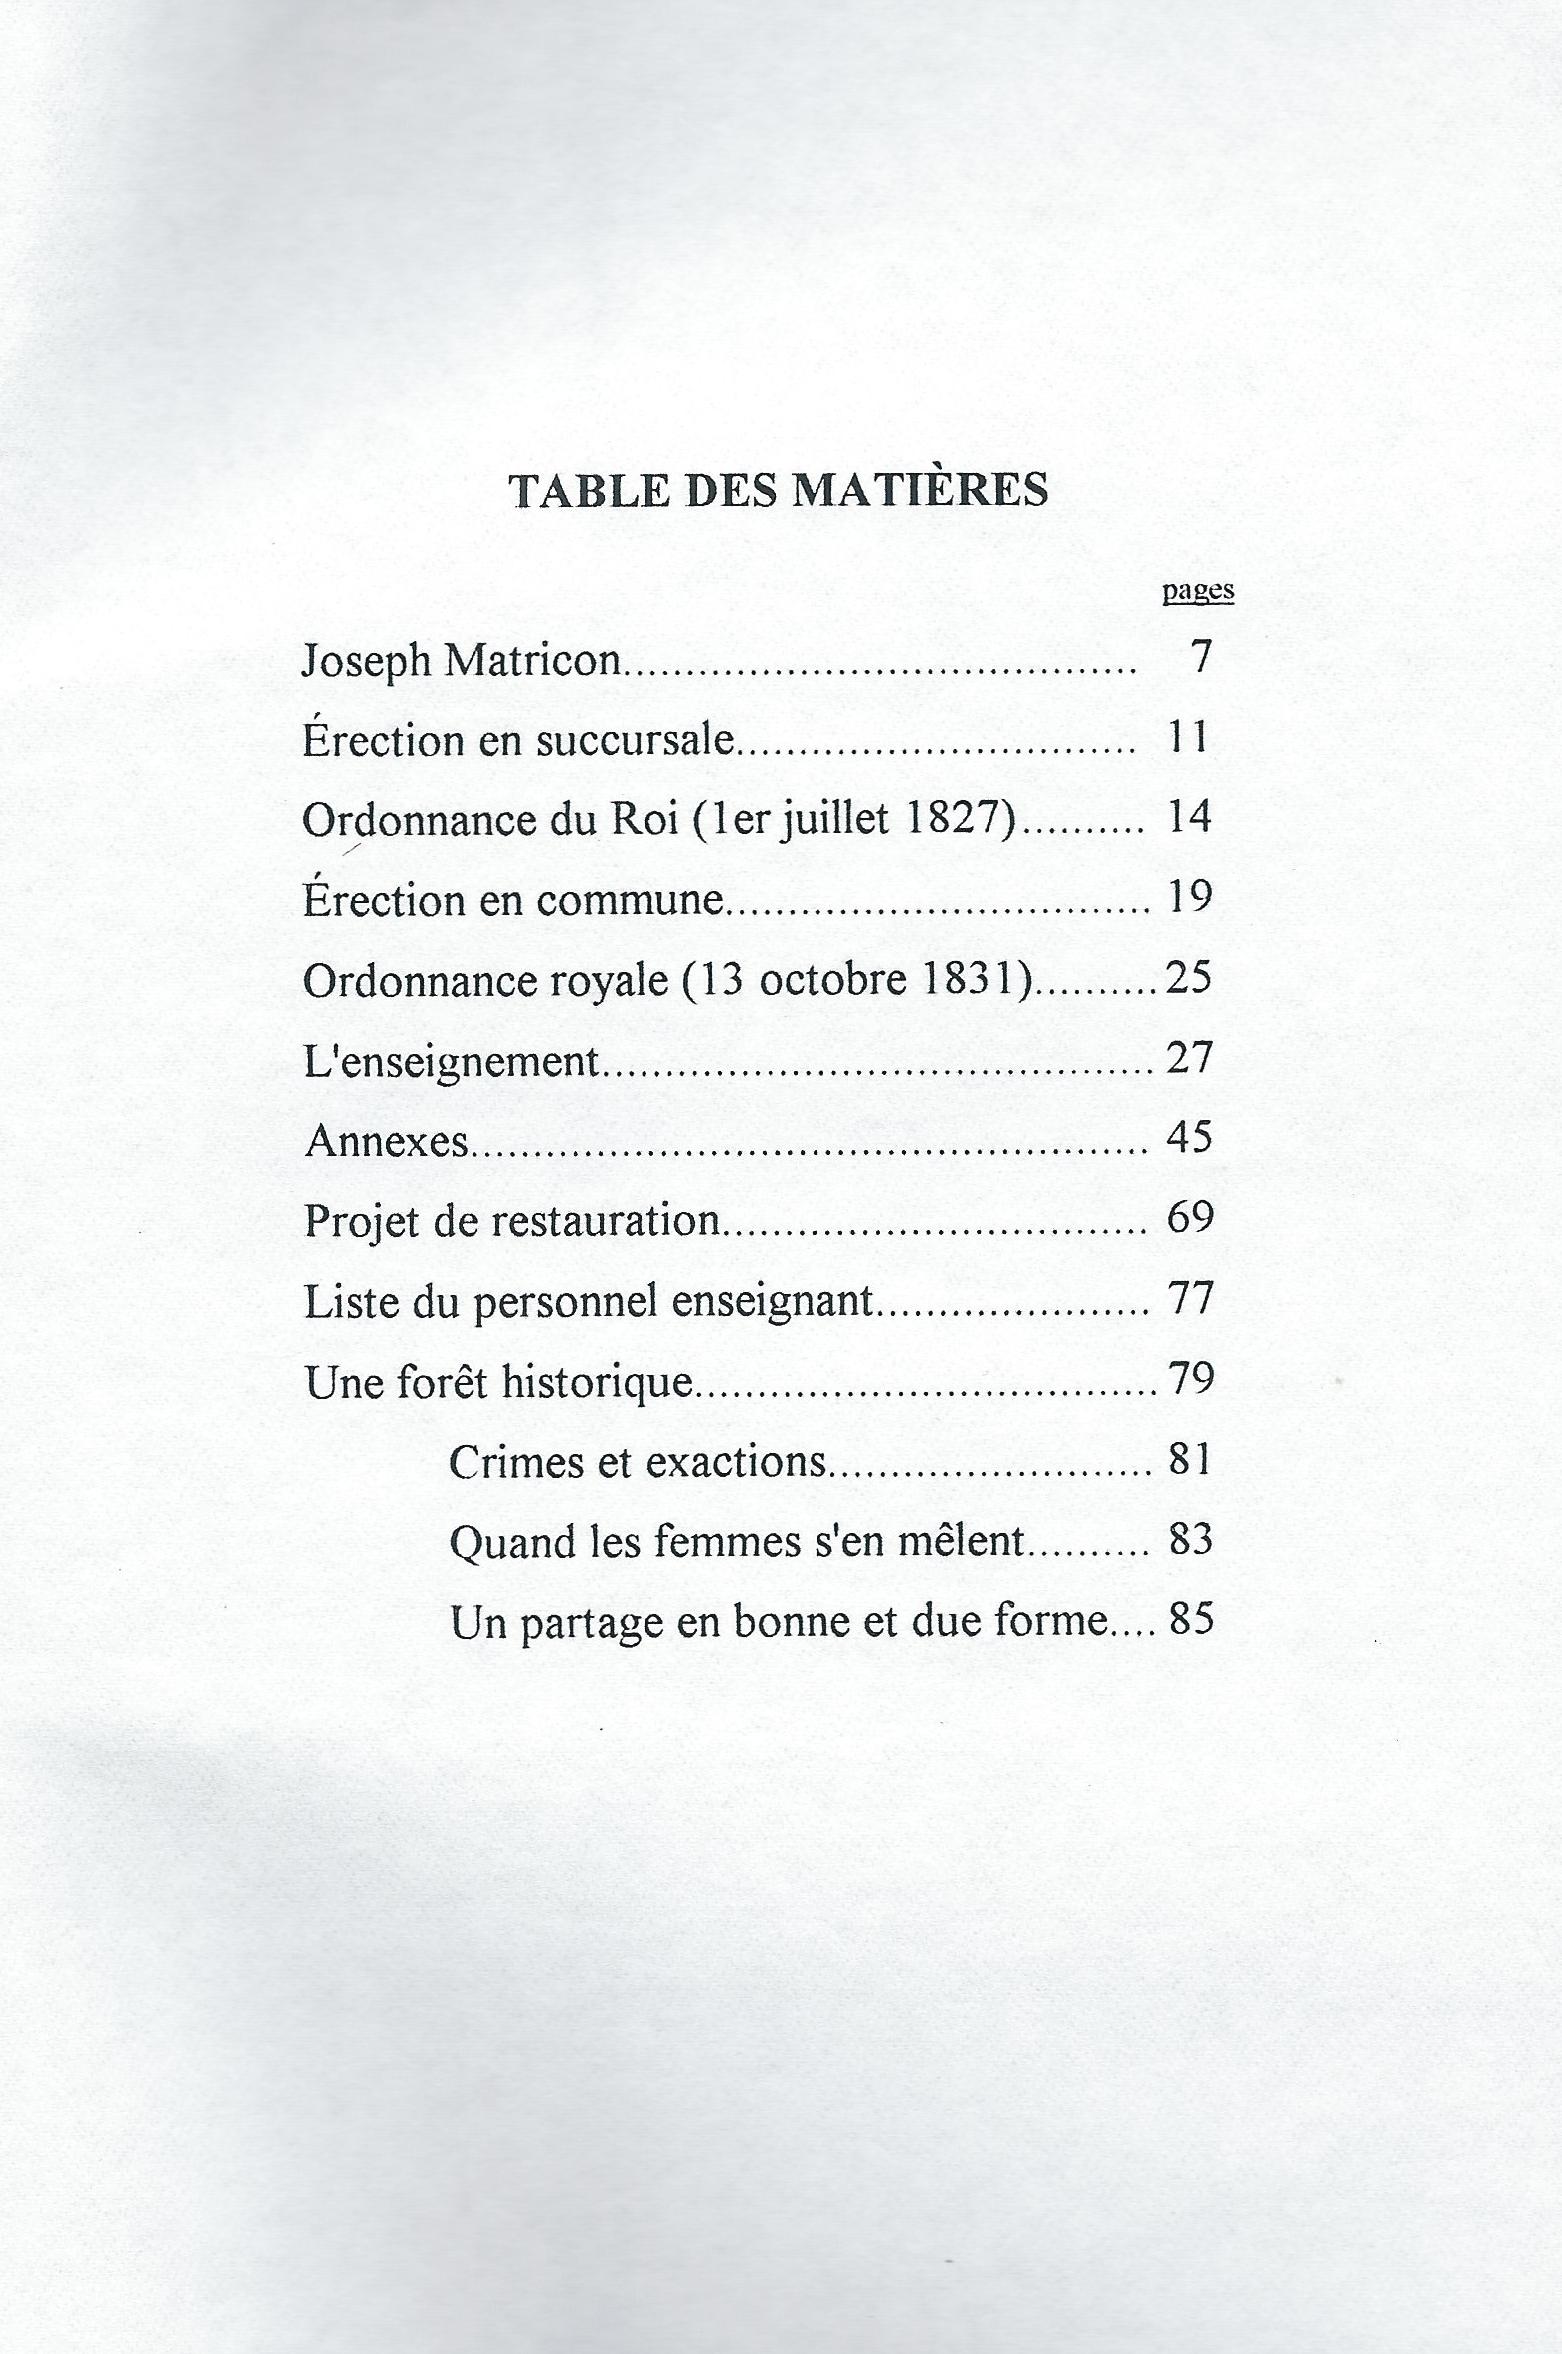 226-2.jpg